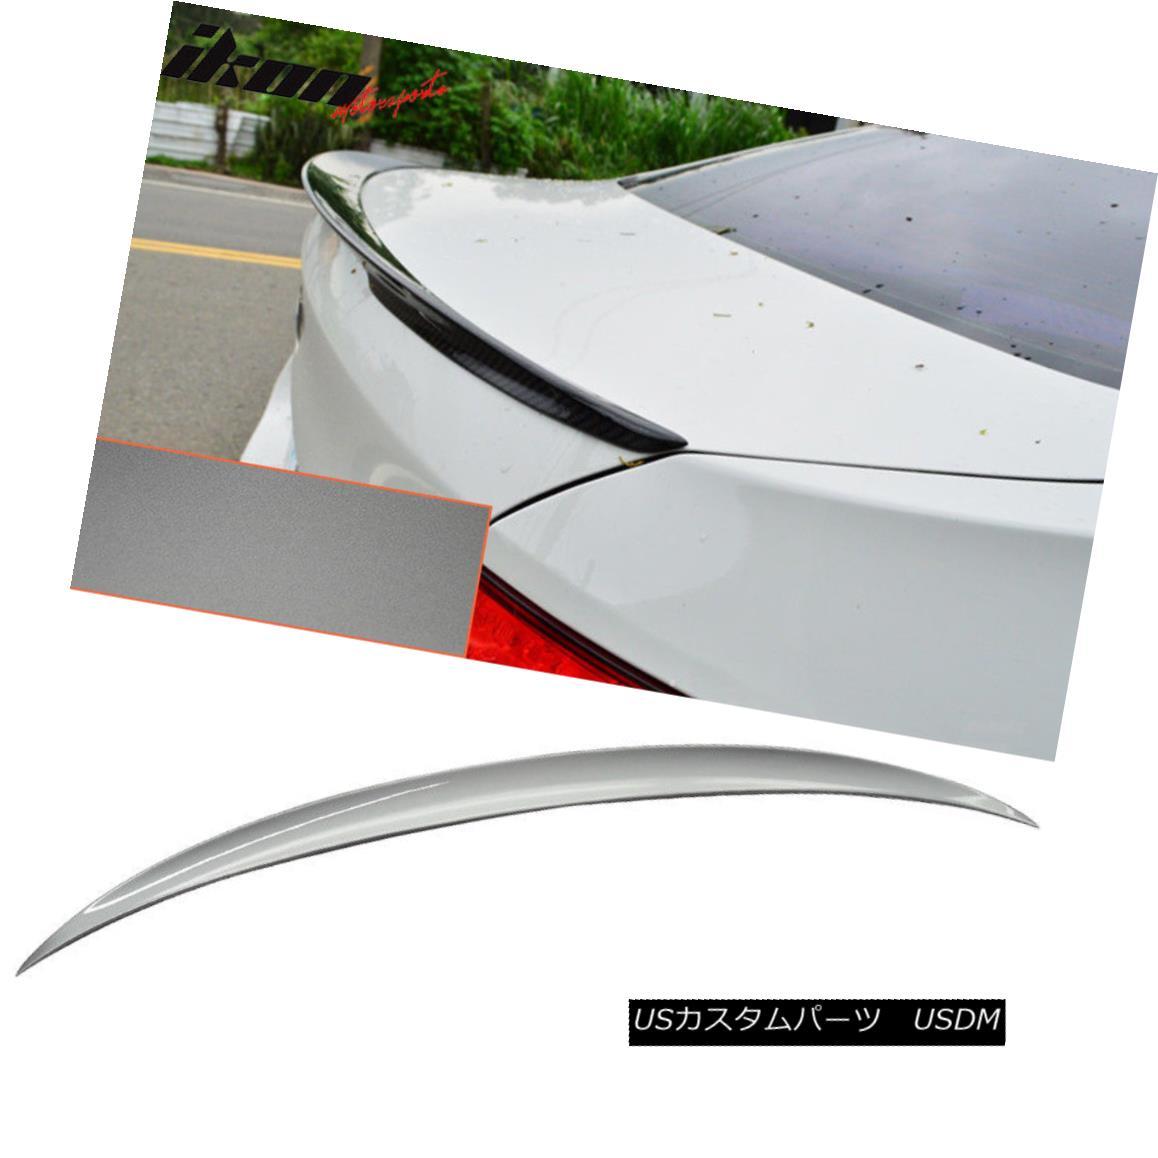 エアロパーツ Fits 11-16 BMW 5-Series F10 Performance Trunk Spoiler Painted #A52 Space Gray フィット11-16 BMW 5シリーズF10パフォーマンストランク・スポイラー#A52スペース・グレー